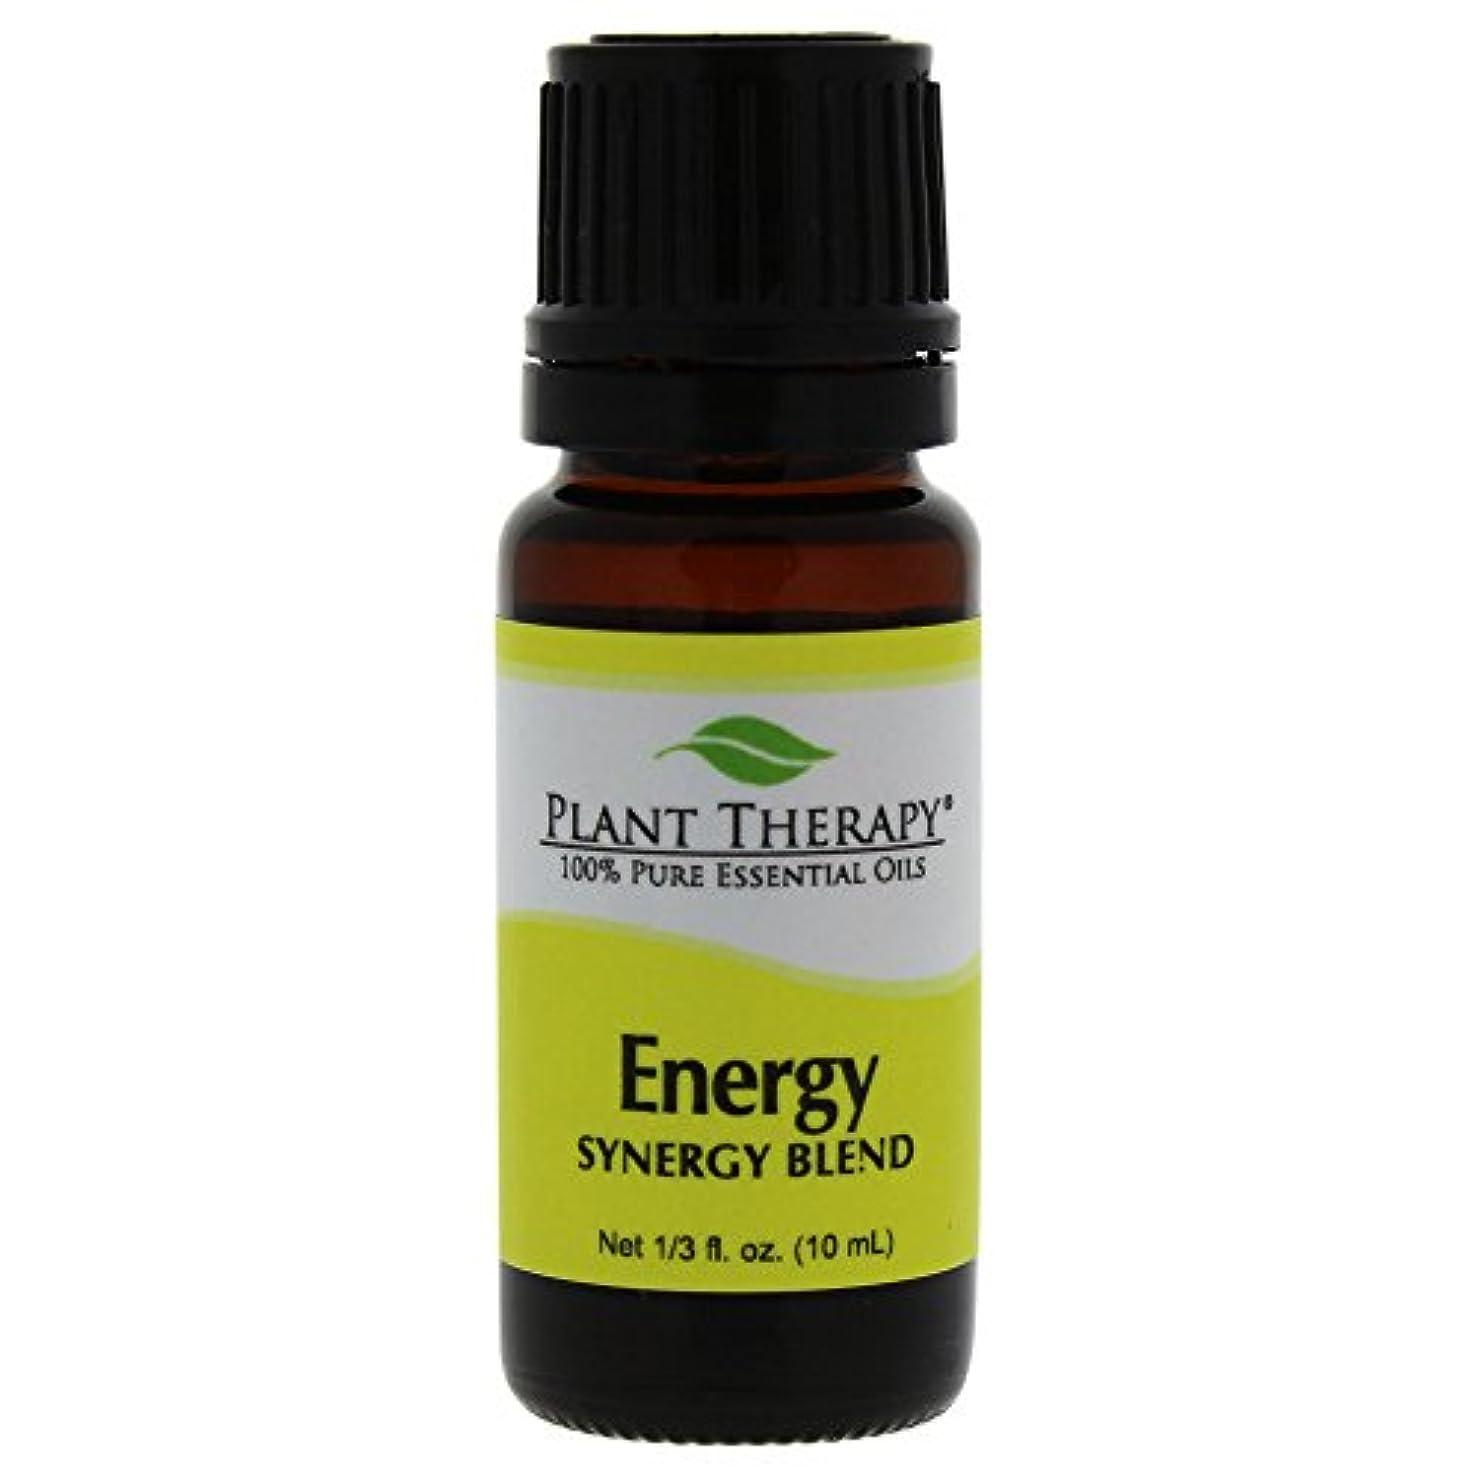 支払い祖母振るPlant Therapy Essential Oils (プラントセラピー エッセンシャルオイル) エネルギー シネジー エッセンシャルオイル ブレンド (身体的エネルギー)10 ml